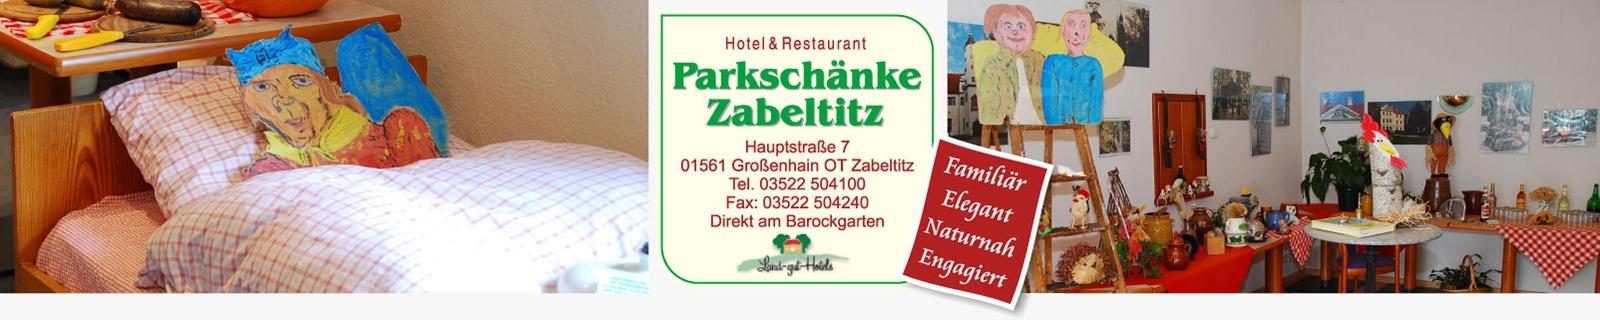 Speisekarte des Restaurants der Parkschänke Zabeltitz